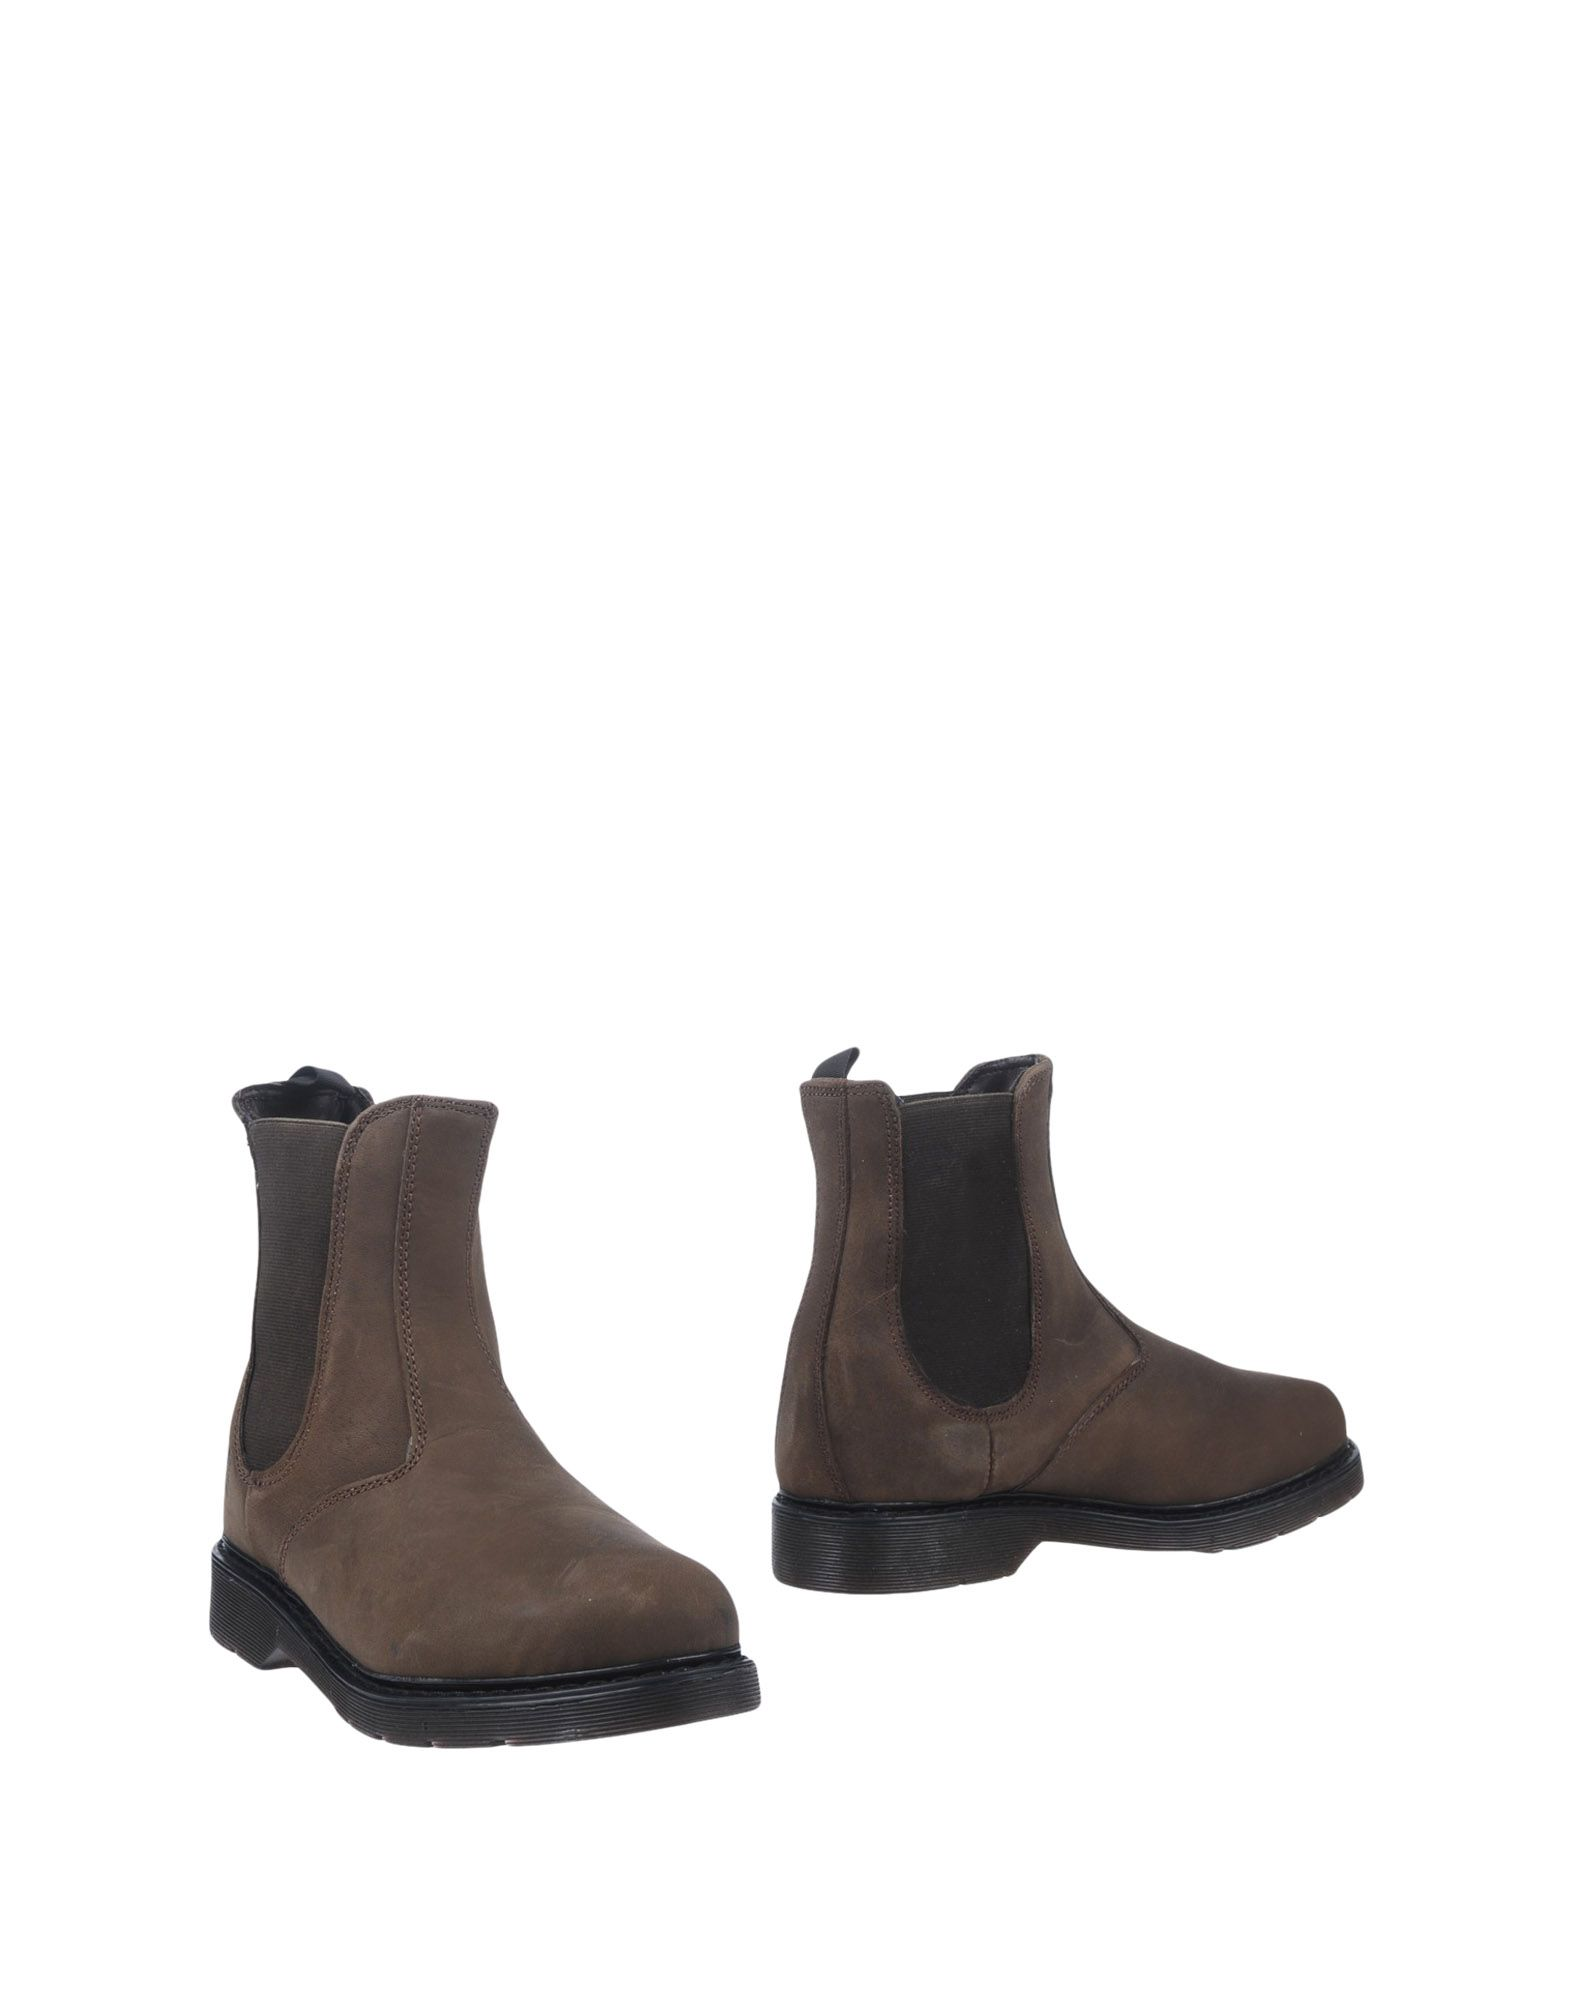 POLICE 883 Полусапоги и высокие ботинки 883 250 э 01 продам